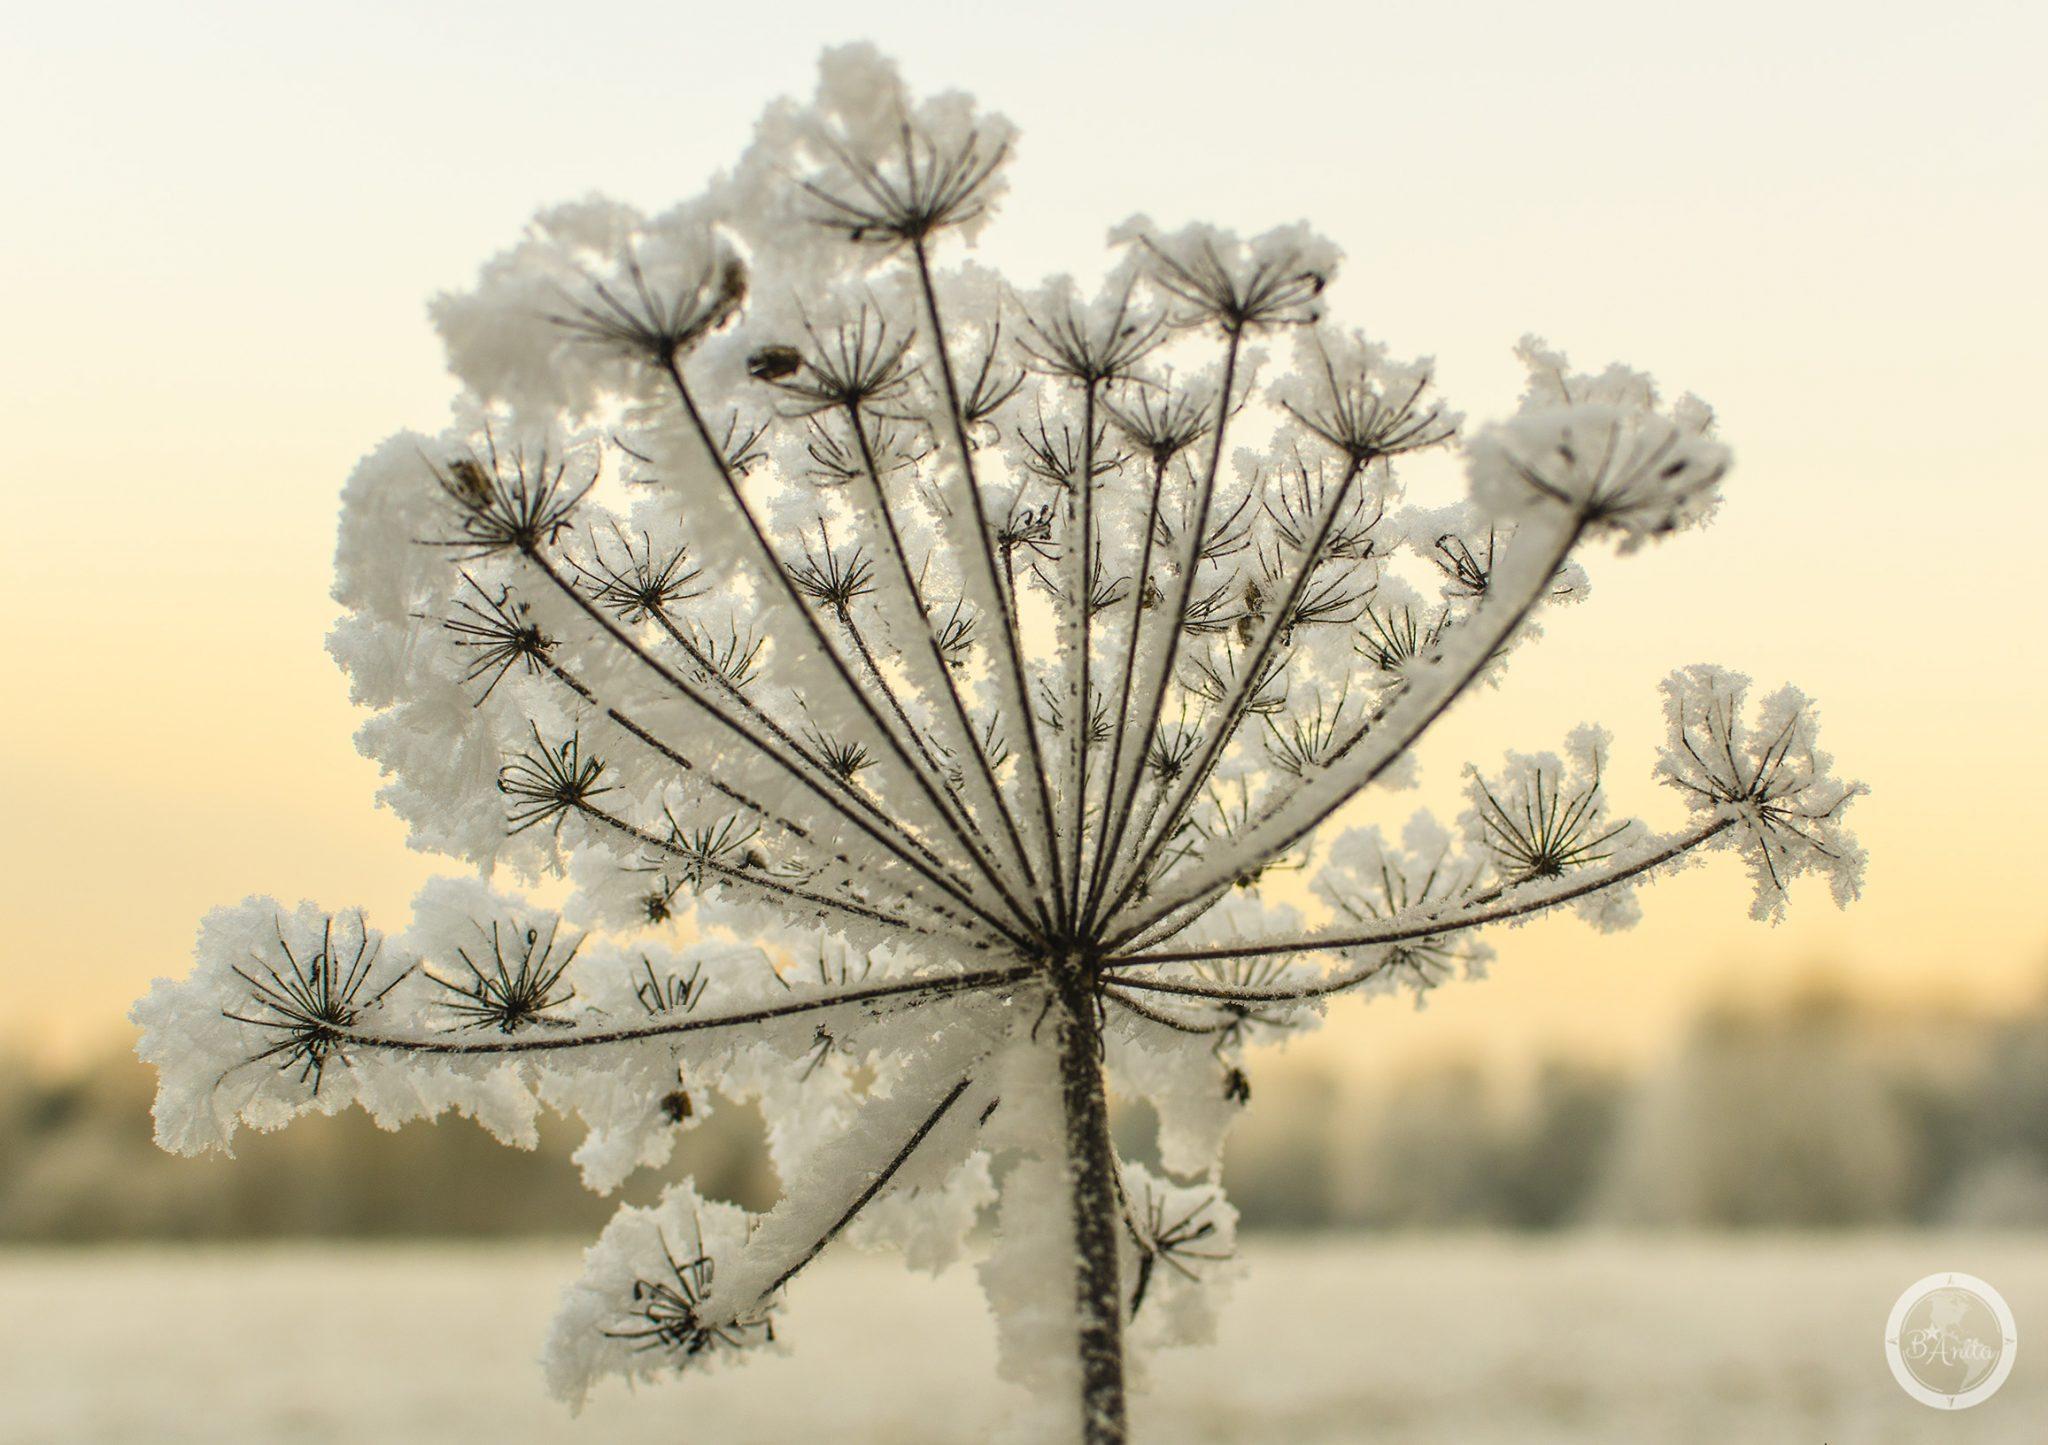 Oszroniony uschnięty kwiat rośliny baldaszkowej natle nieba.